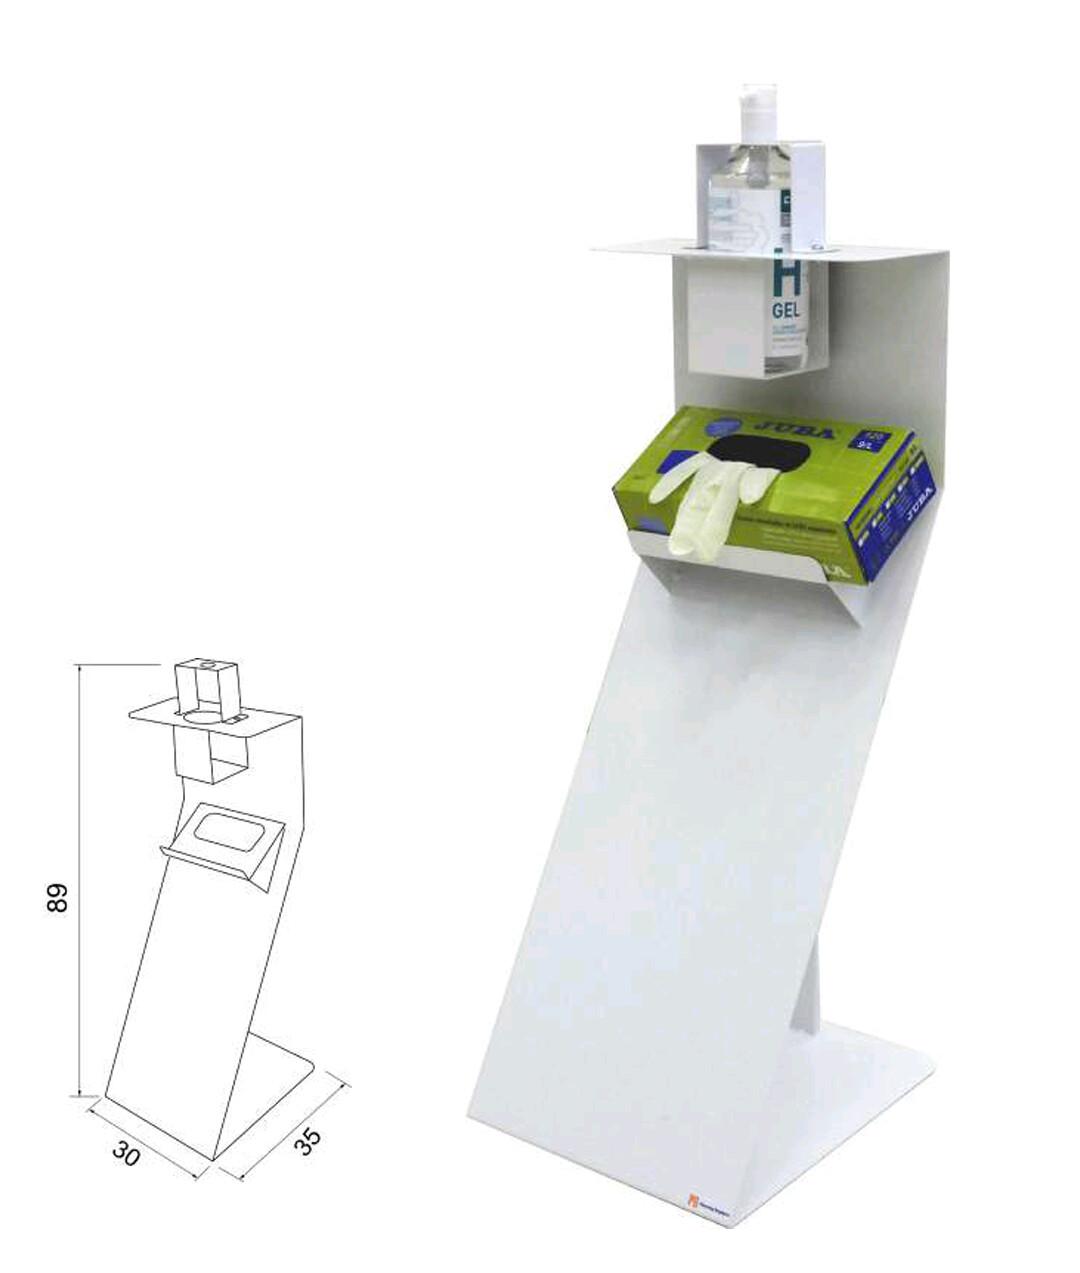 Dispensador de gel / guantes. Medidas: 89 x 30 x 35cm. Material: Metal 100%  reciclable.